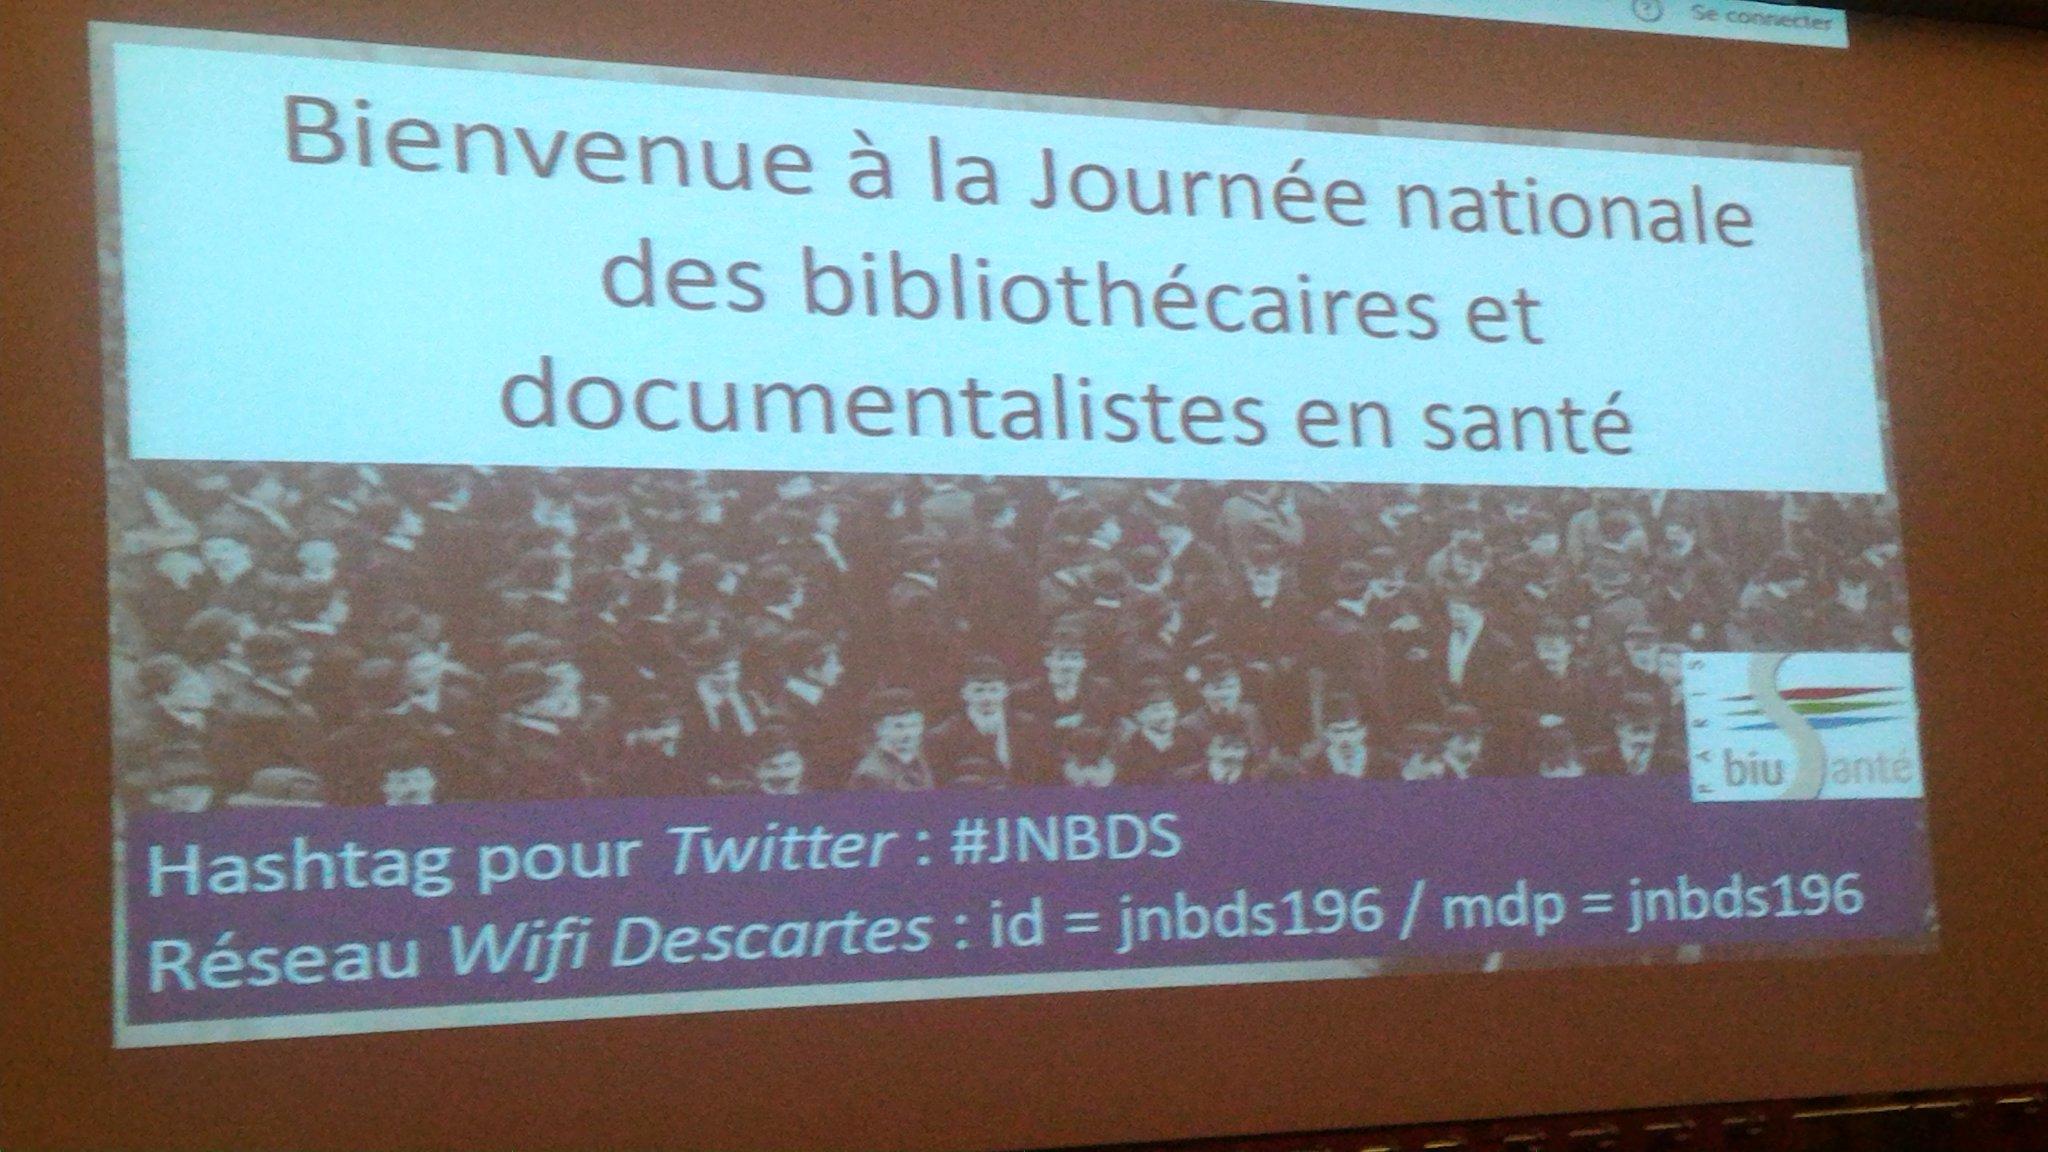 Le centre de ressources documentaires de l'#ANPAA présent à la première #JNBDS. Plus de 100 participants https://t.co/nHYmh5gDx9